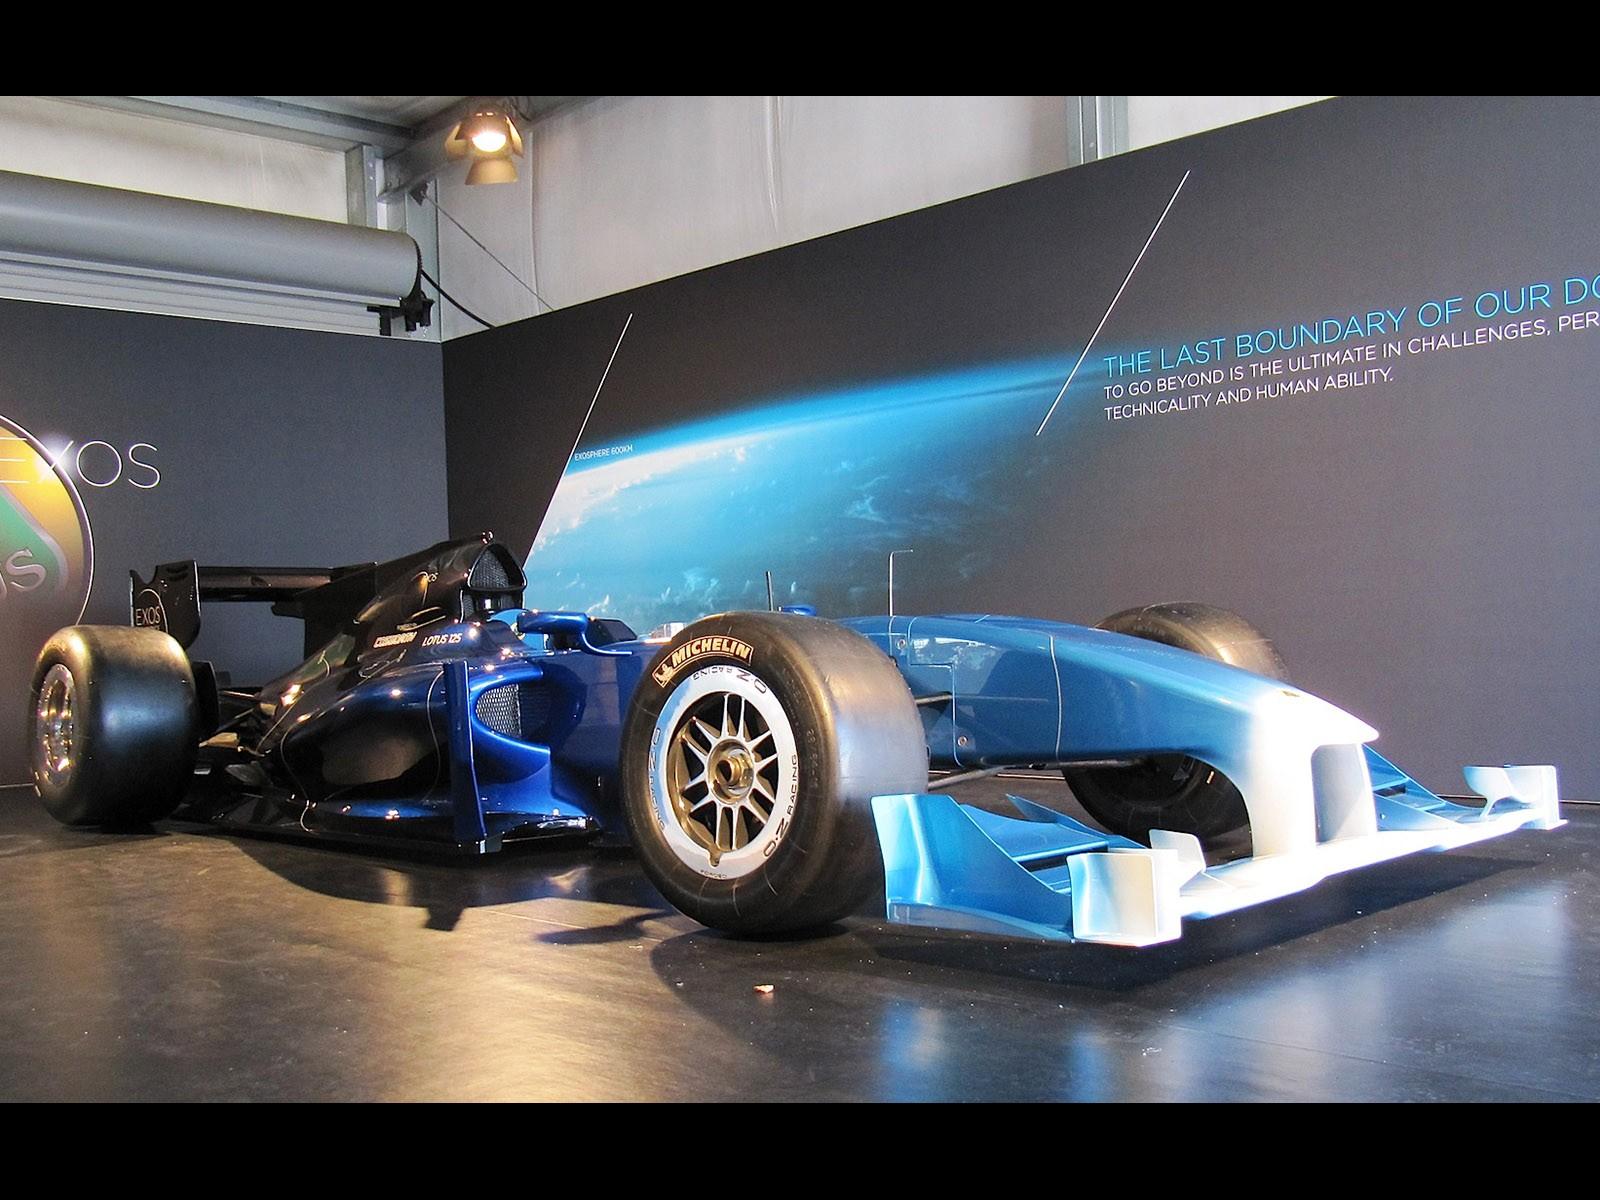 2010 Lotus Exos T125